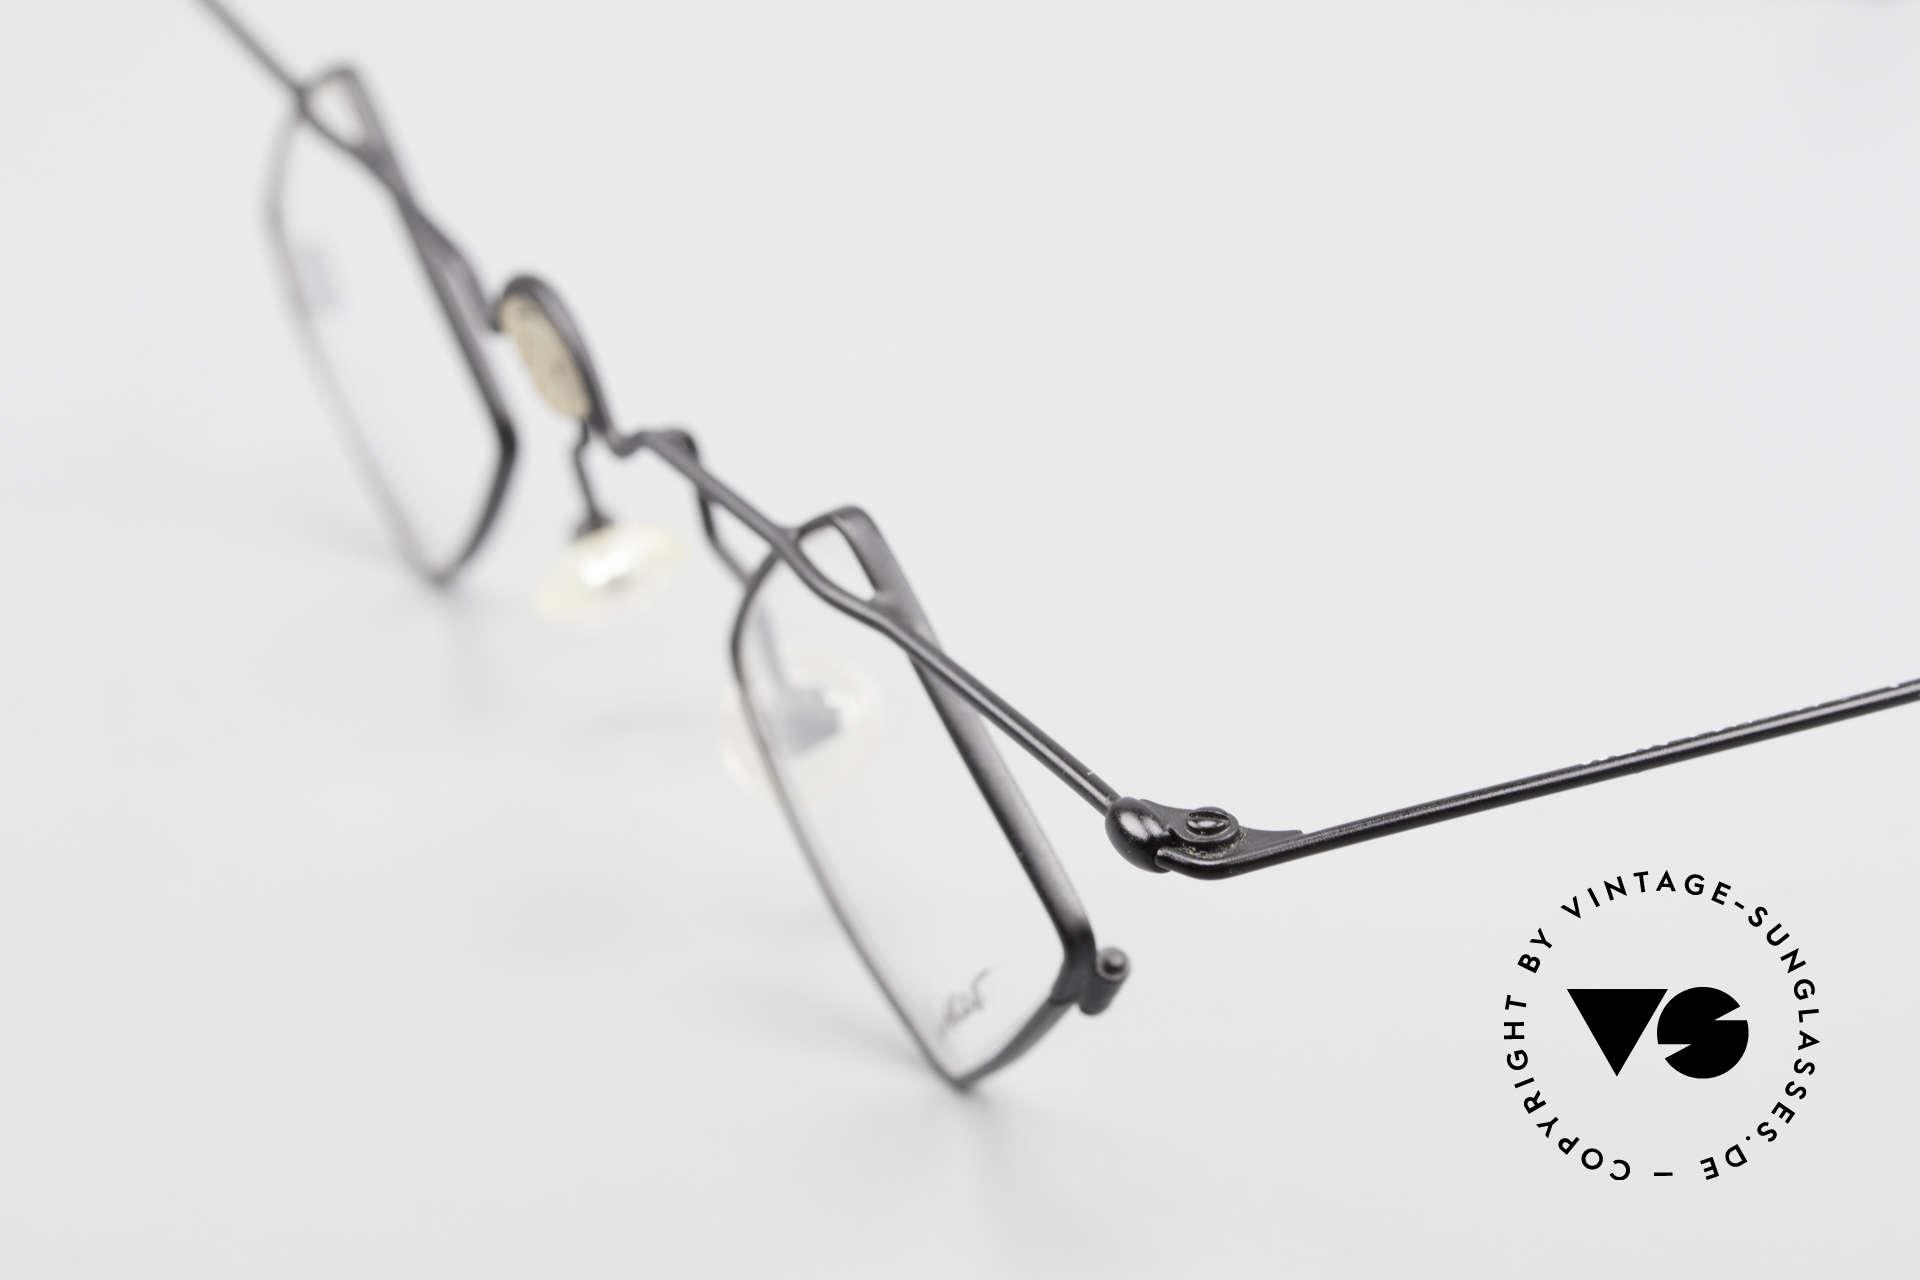 Locco 08 Gute Laune Vintage Brille 90er, KEINE Retrobrille, sondern ein 1990er Jahre ORIGINAL, Passend für Herren und Damen